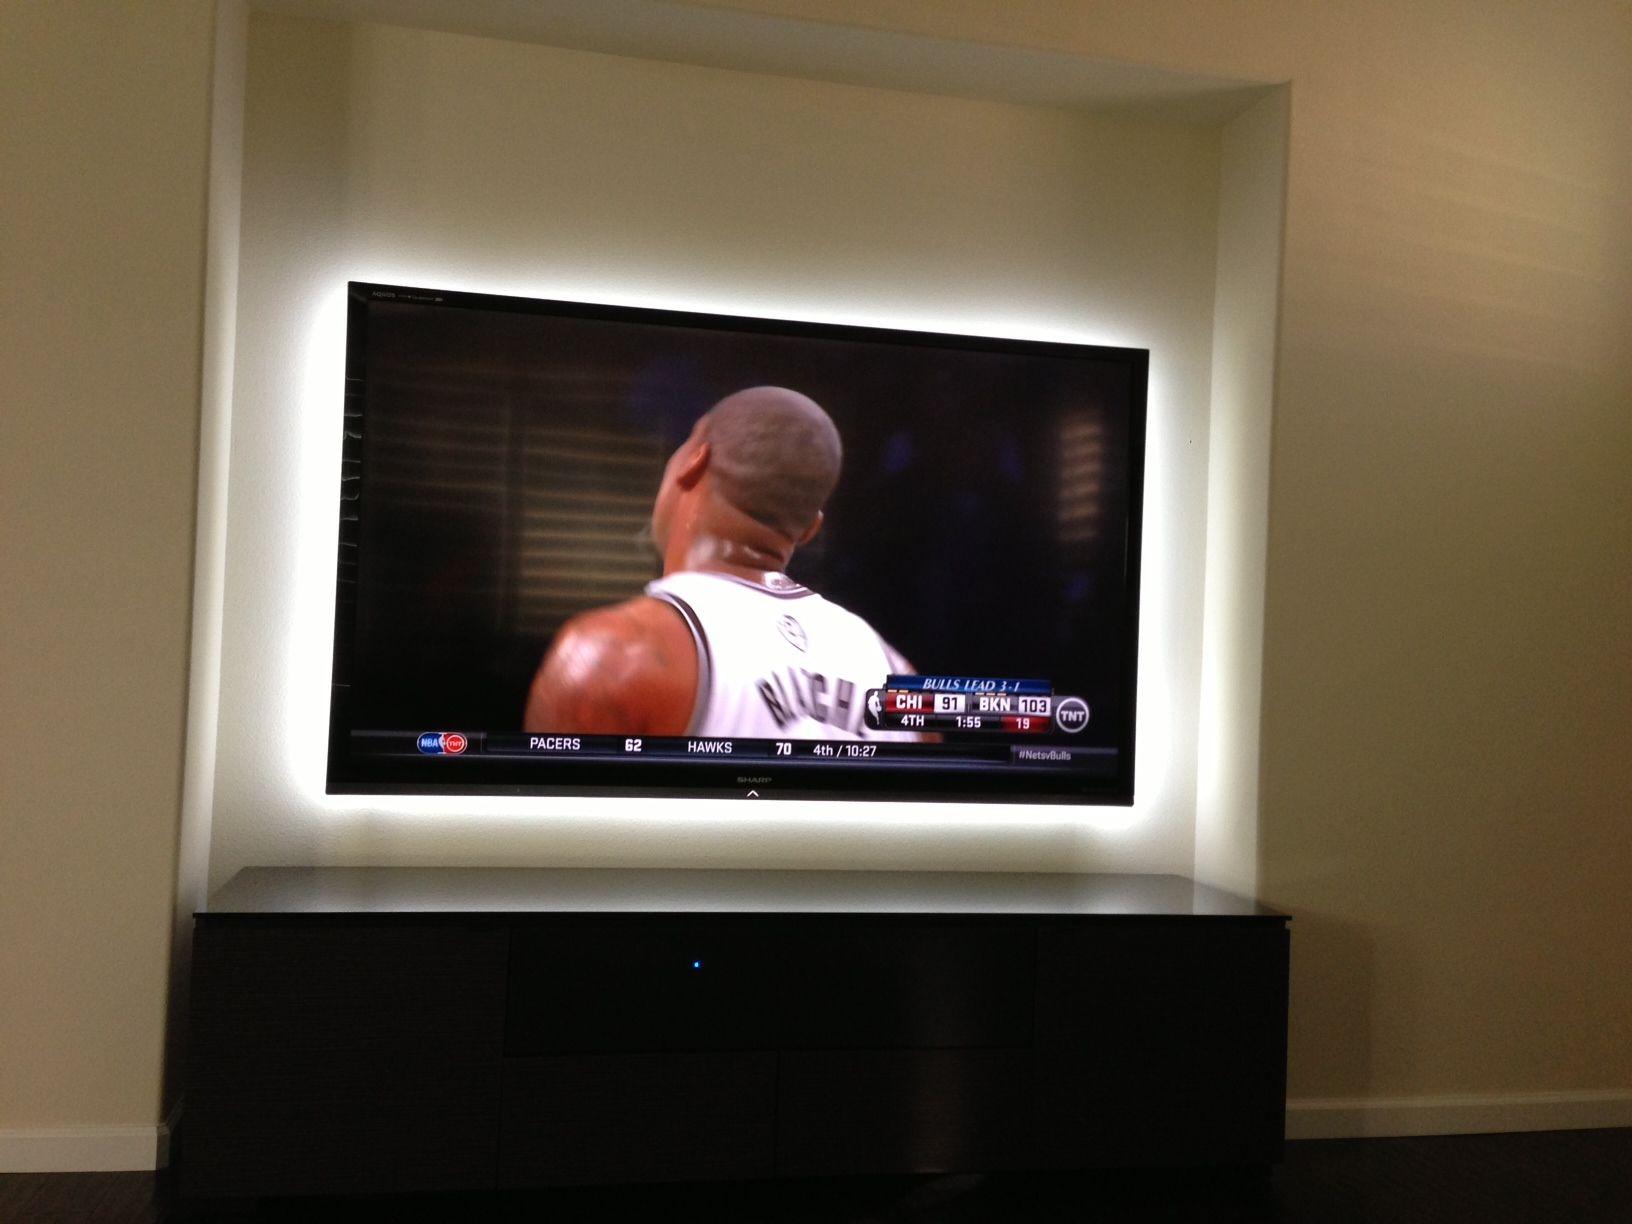 Inspired LED TV Backlighting This kit reduces eyestrain